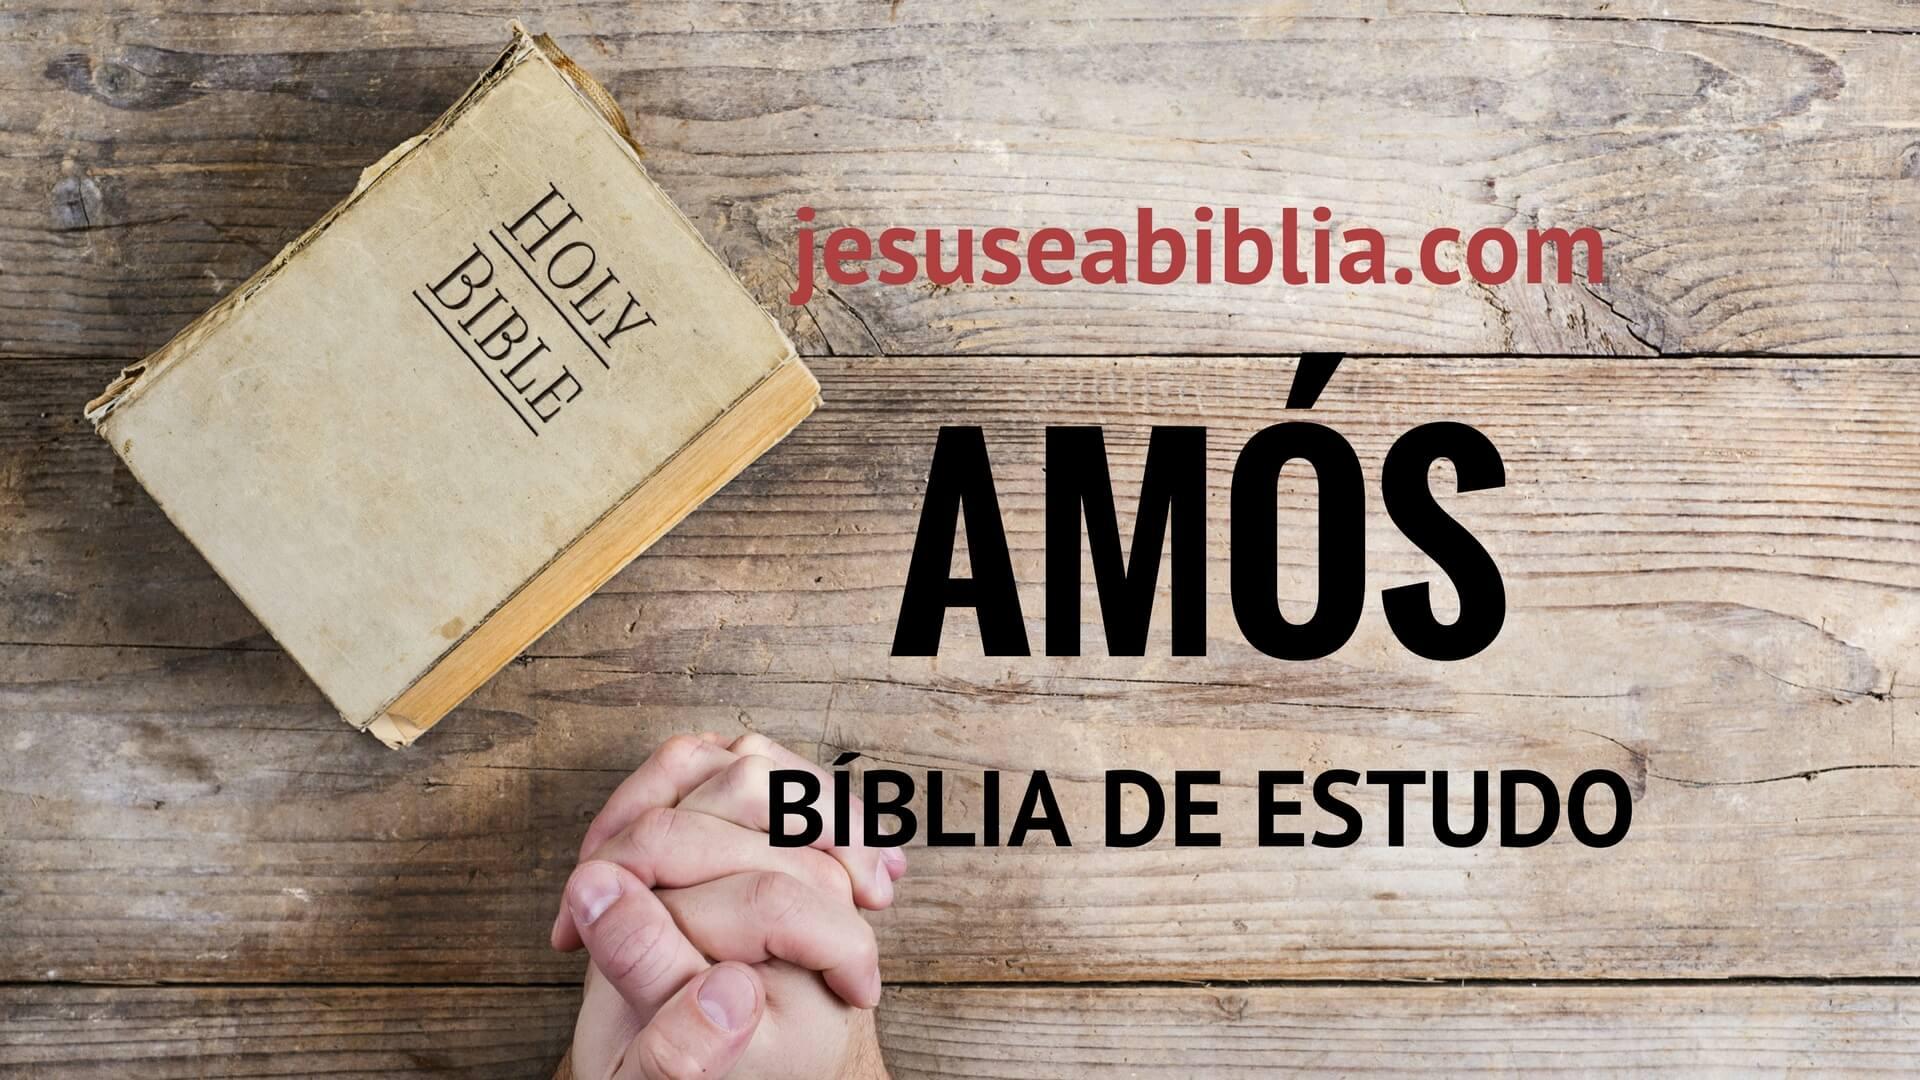 Amós - Bíblia de Estudo Online